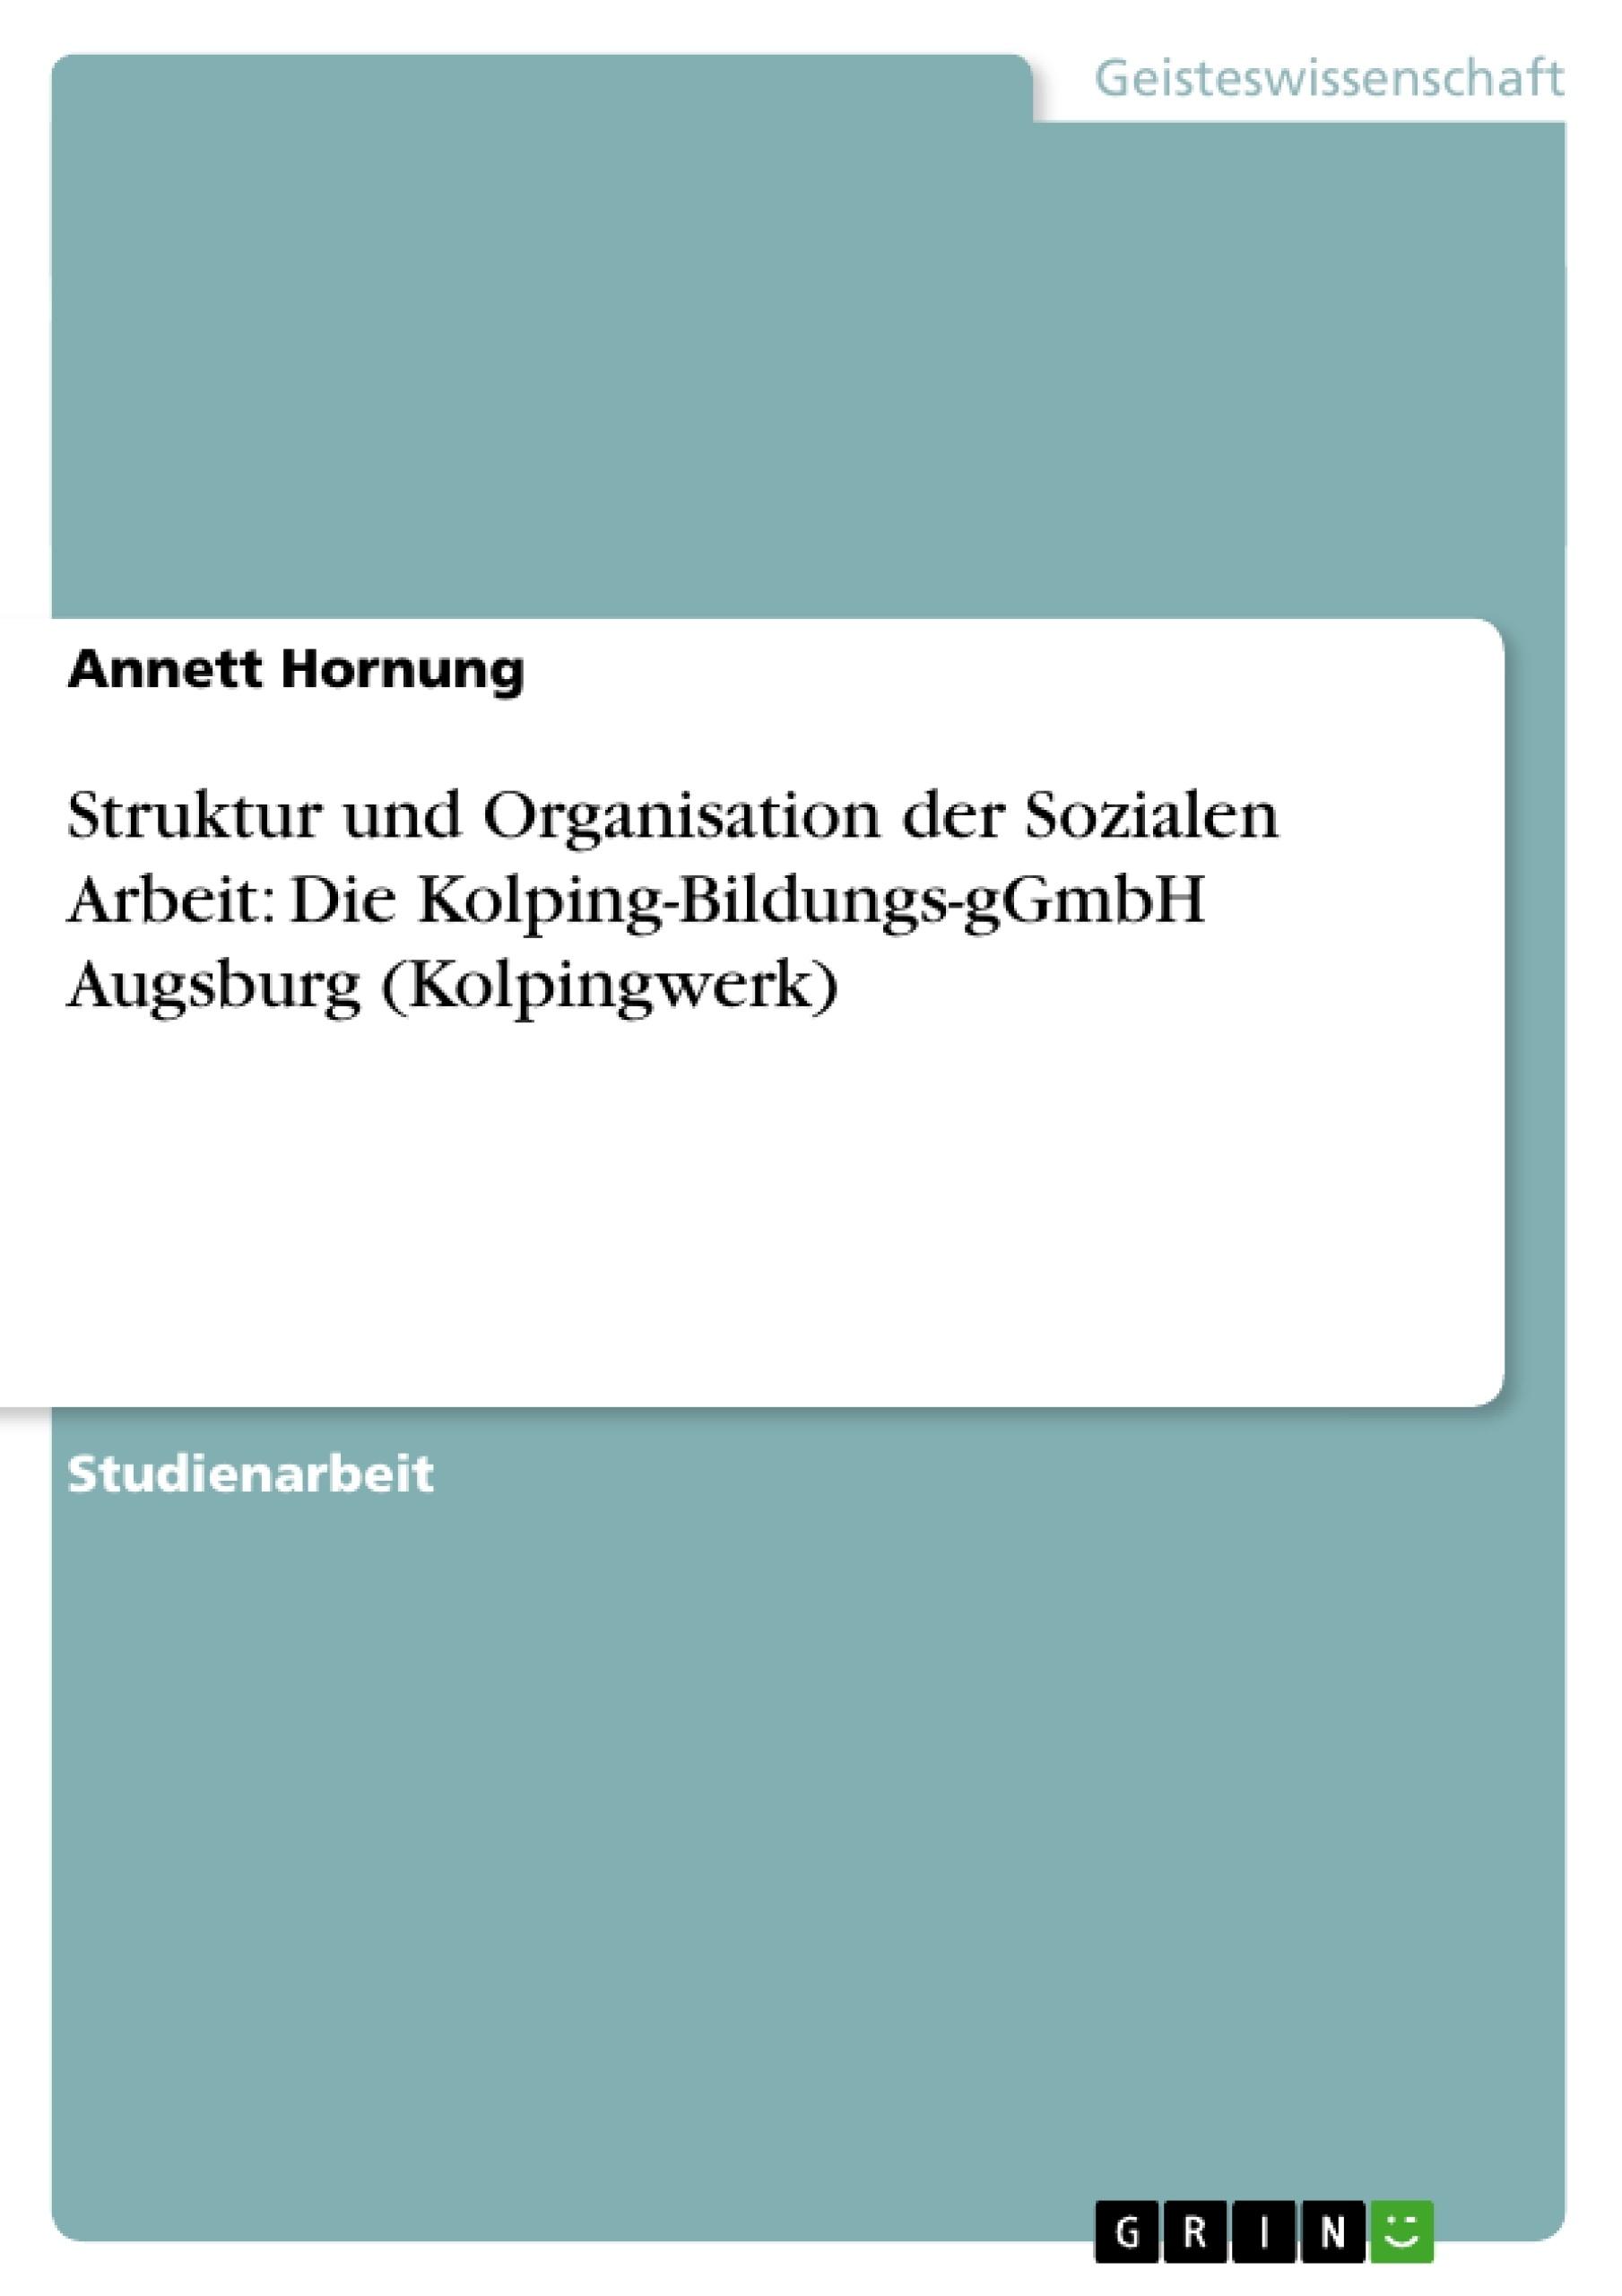 Titel: Struktur und Organisation der Sozialen Arbeit: Die Kolping-Bildungs-gGmbH Augsburg (Kolpingwerk)